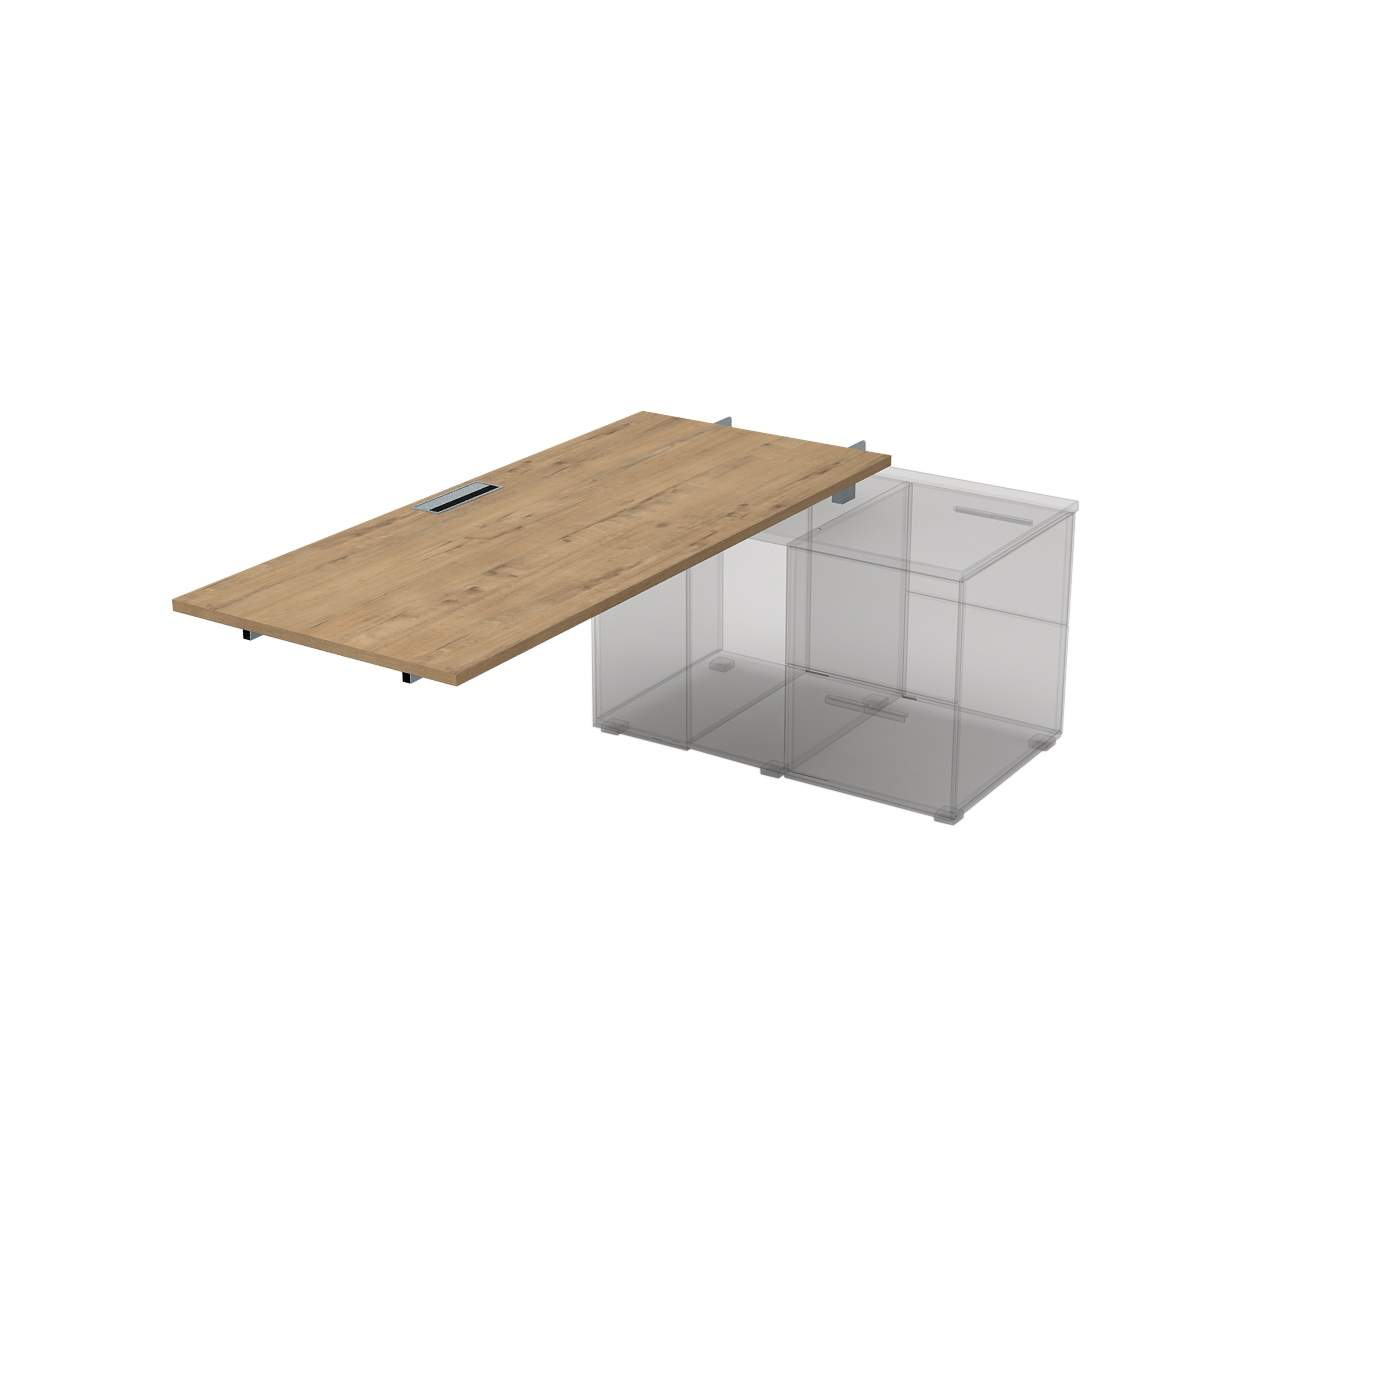 Стол для крепления на тумбу, средний модуль 1800х800х750